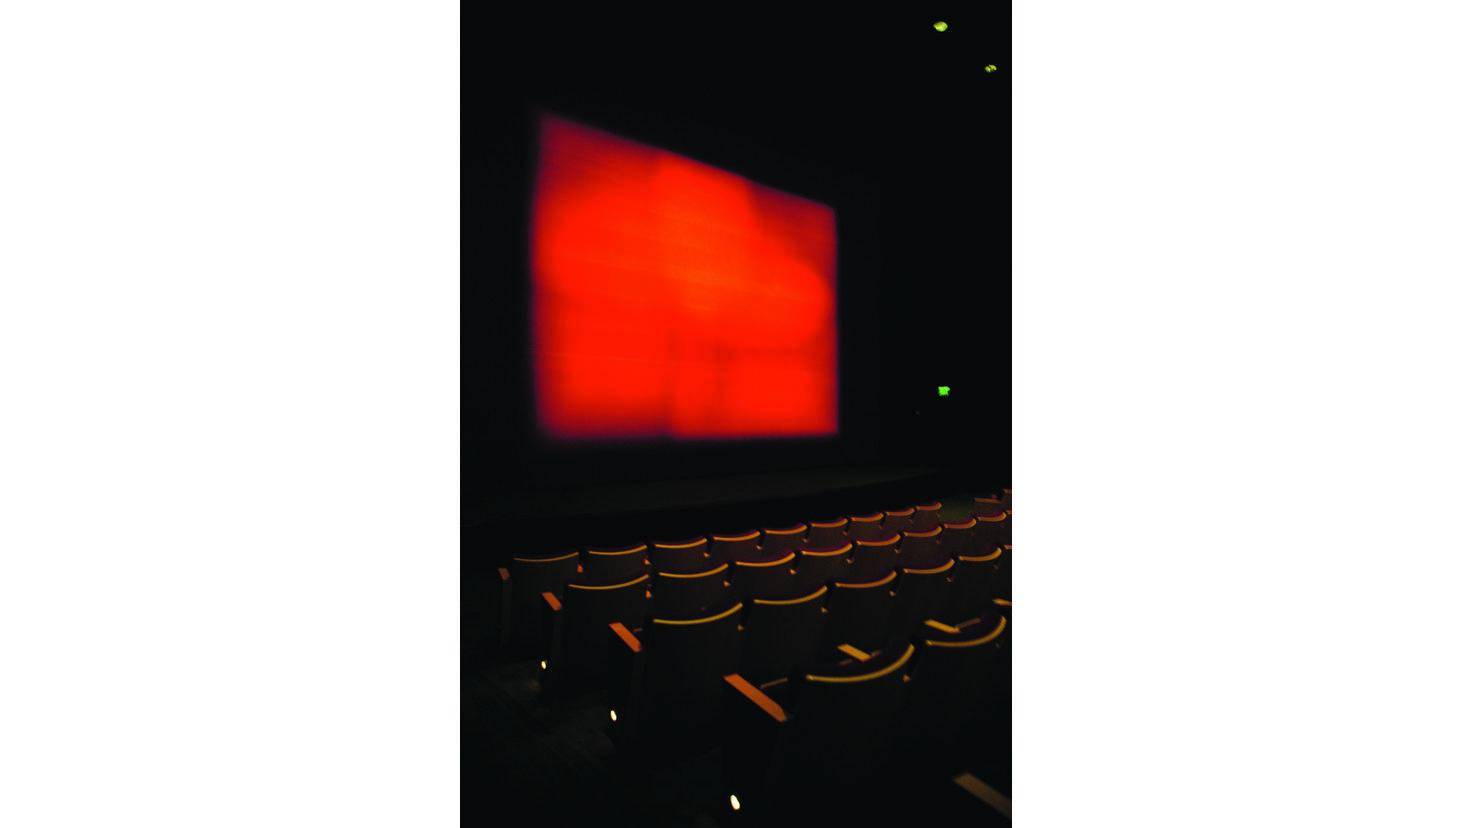 Kinosaal: Etwas mehr als Heimkino: Filmvorführungen für Pixar-Mitarbeiter.